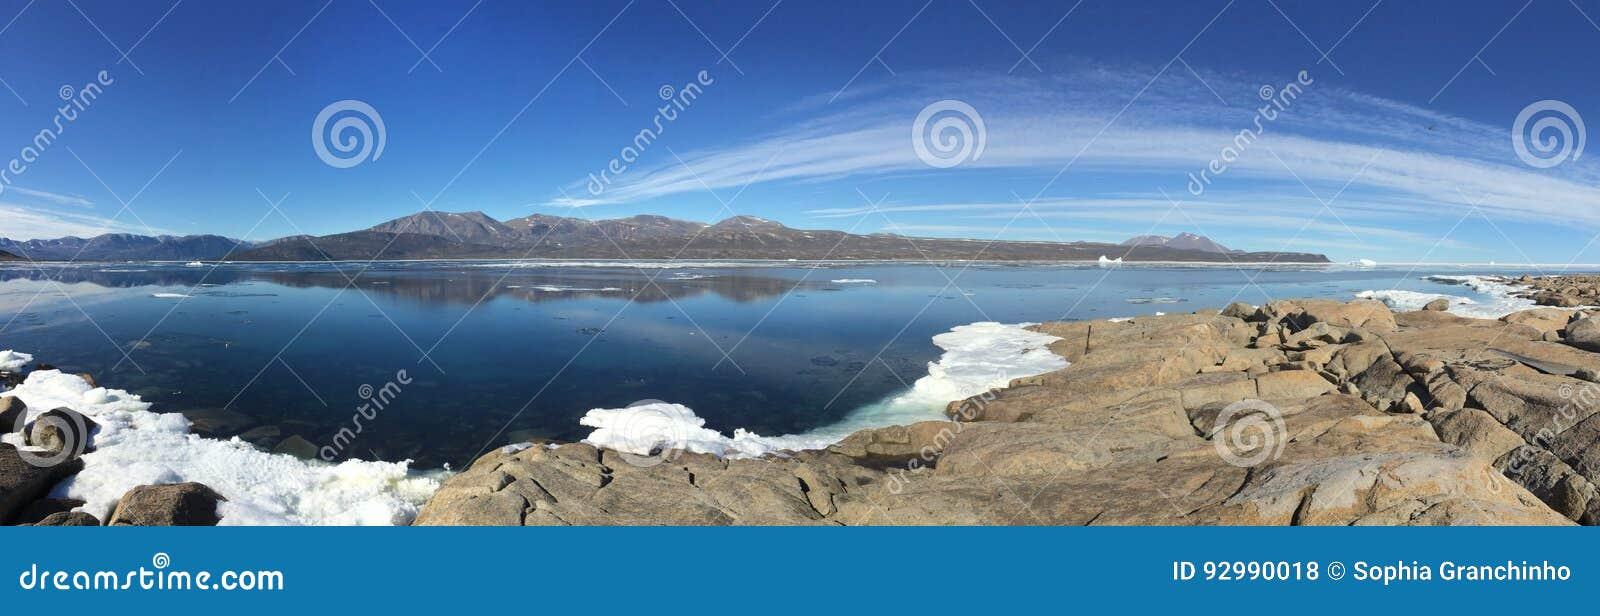 Μια πανοραμική άποψη από Qikiqtarjuaq, μια κοινότητα Inuit στην υψηλή καναδική Αρκτική που βρίσκεται στο νησί Broughton